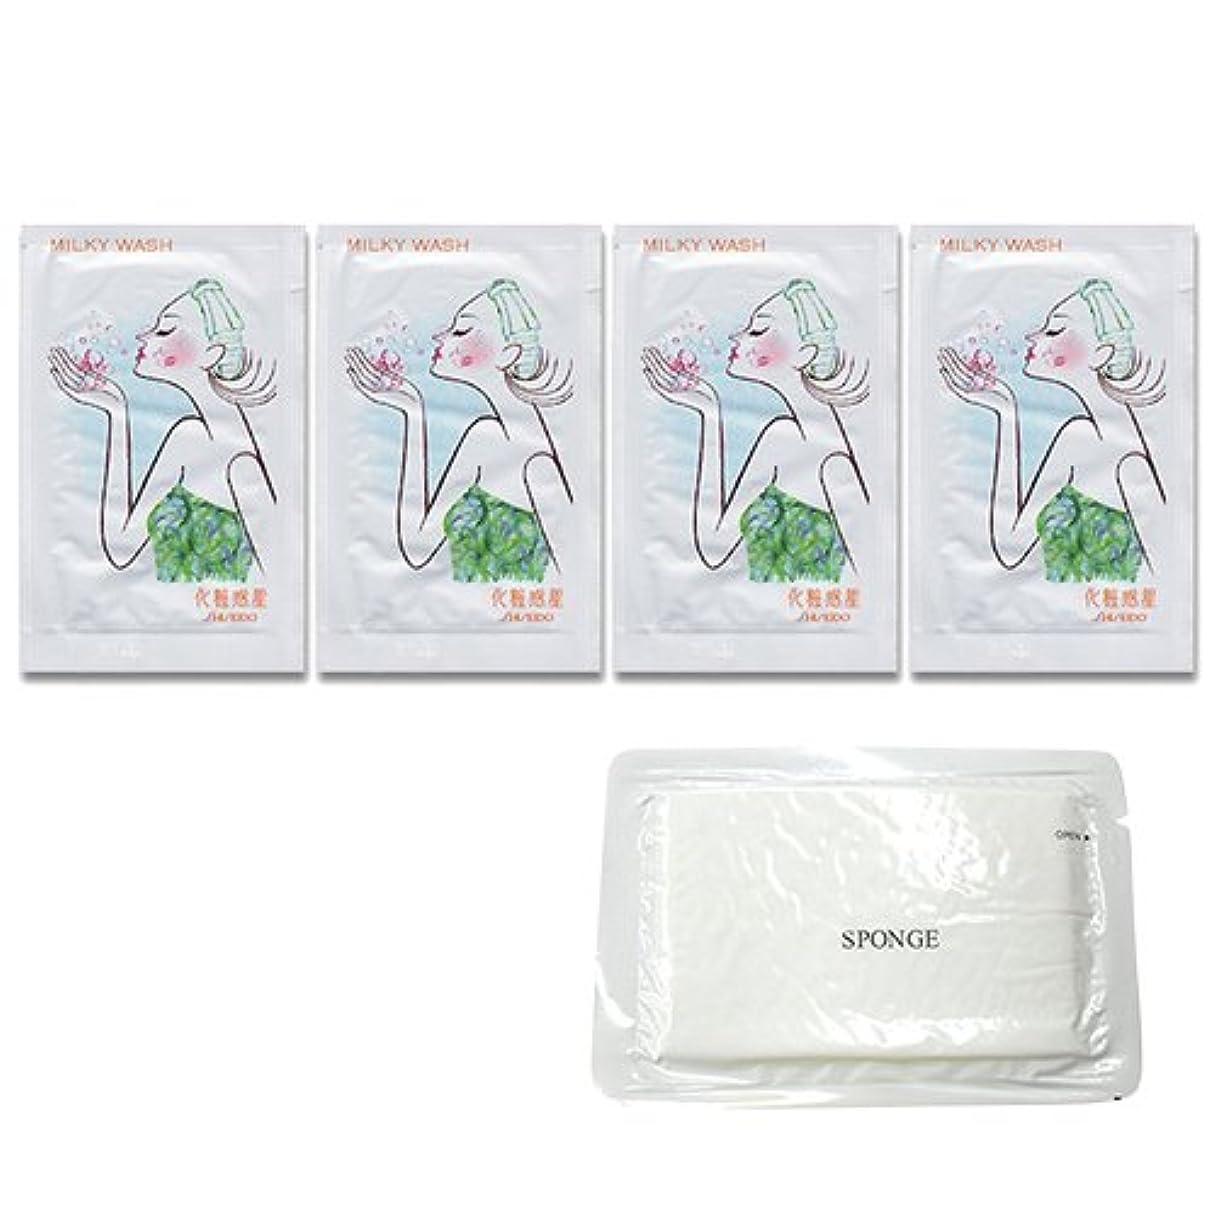 オセアニア泥与える資生堂 化粧惑星 ミルキーウォッシュ(洗顔料)パウチ 2g × 4個 + 圧縮スポンジセット